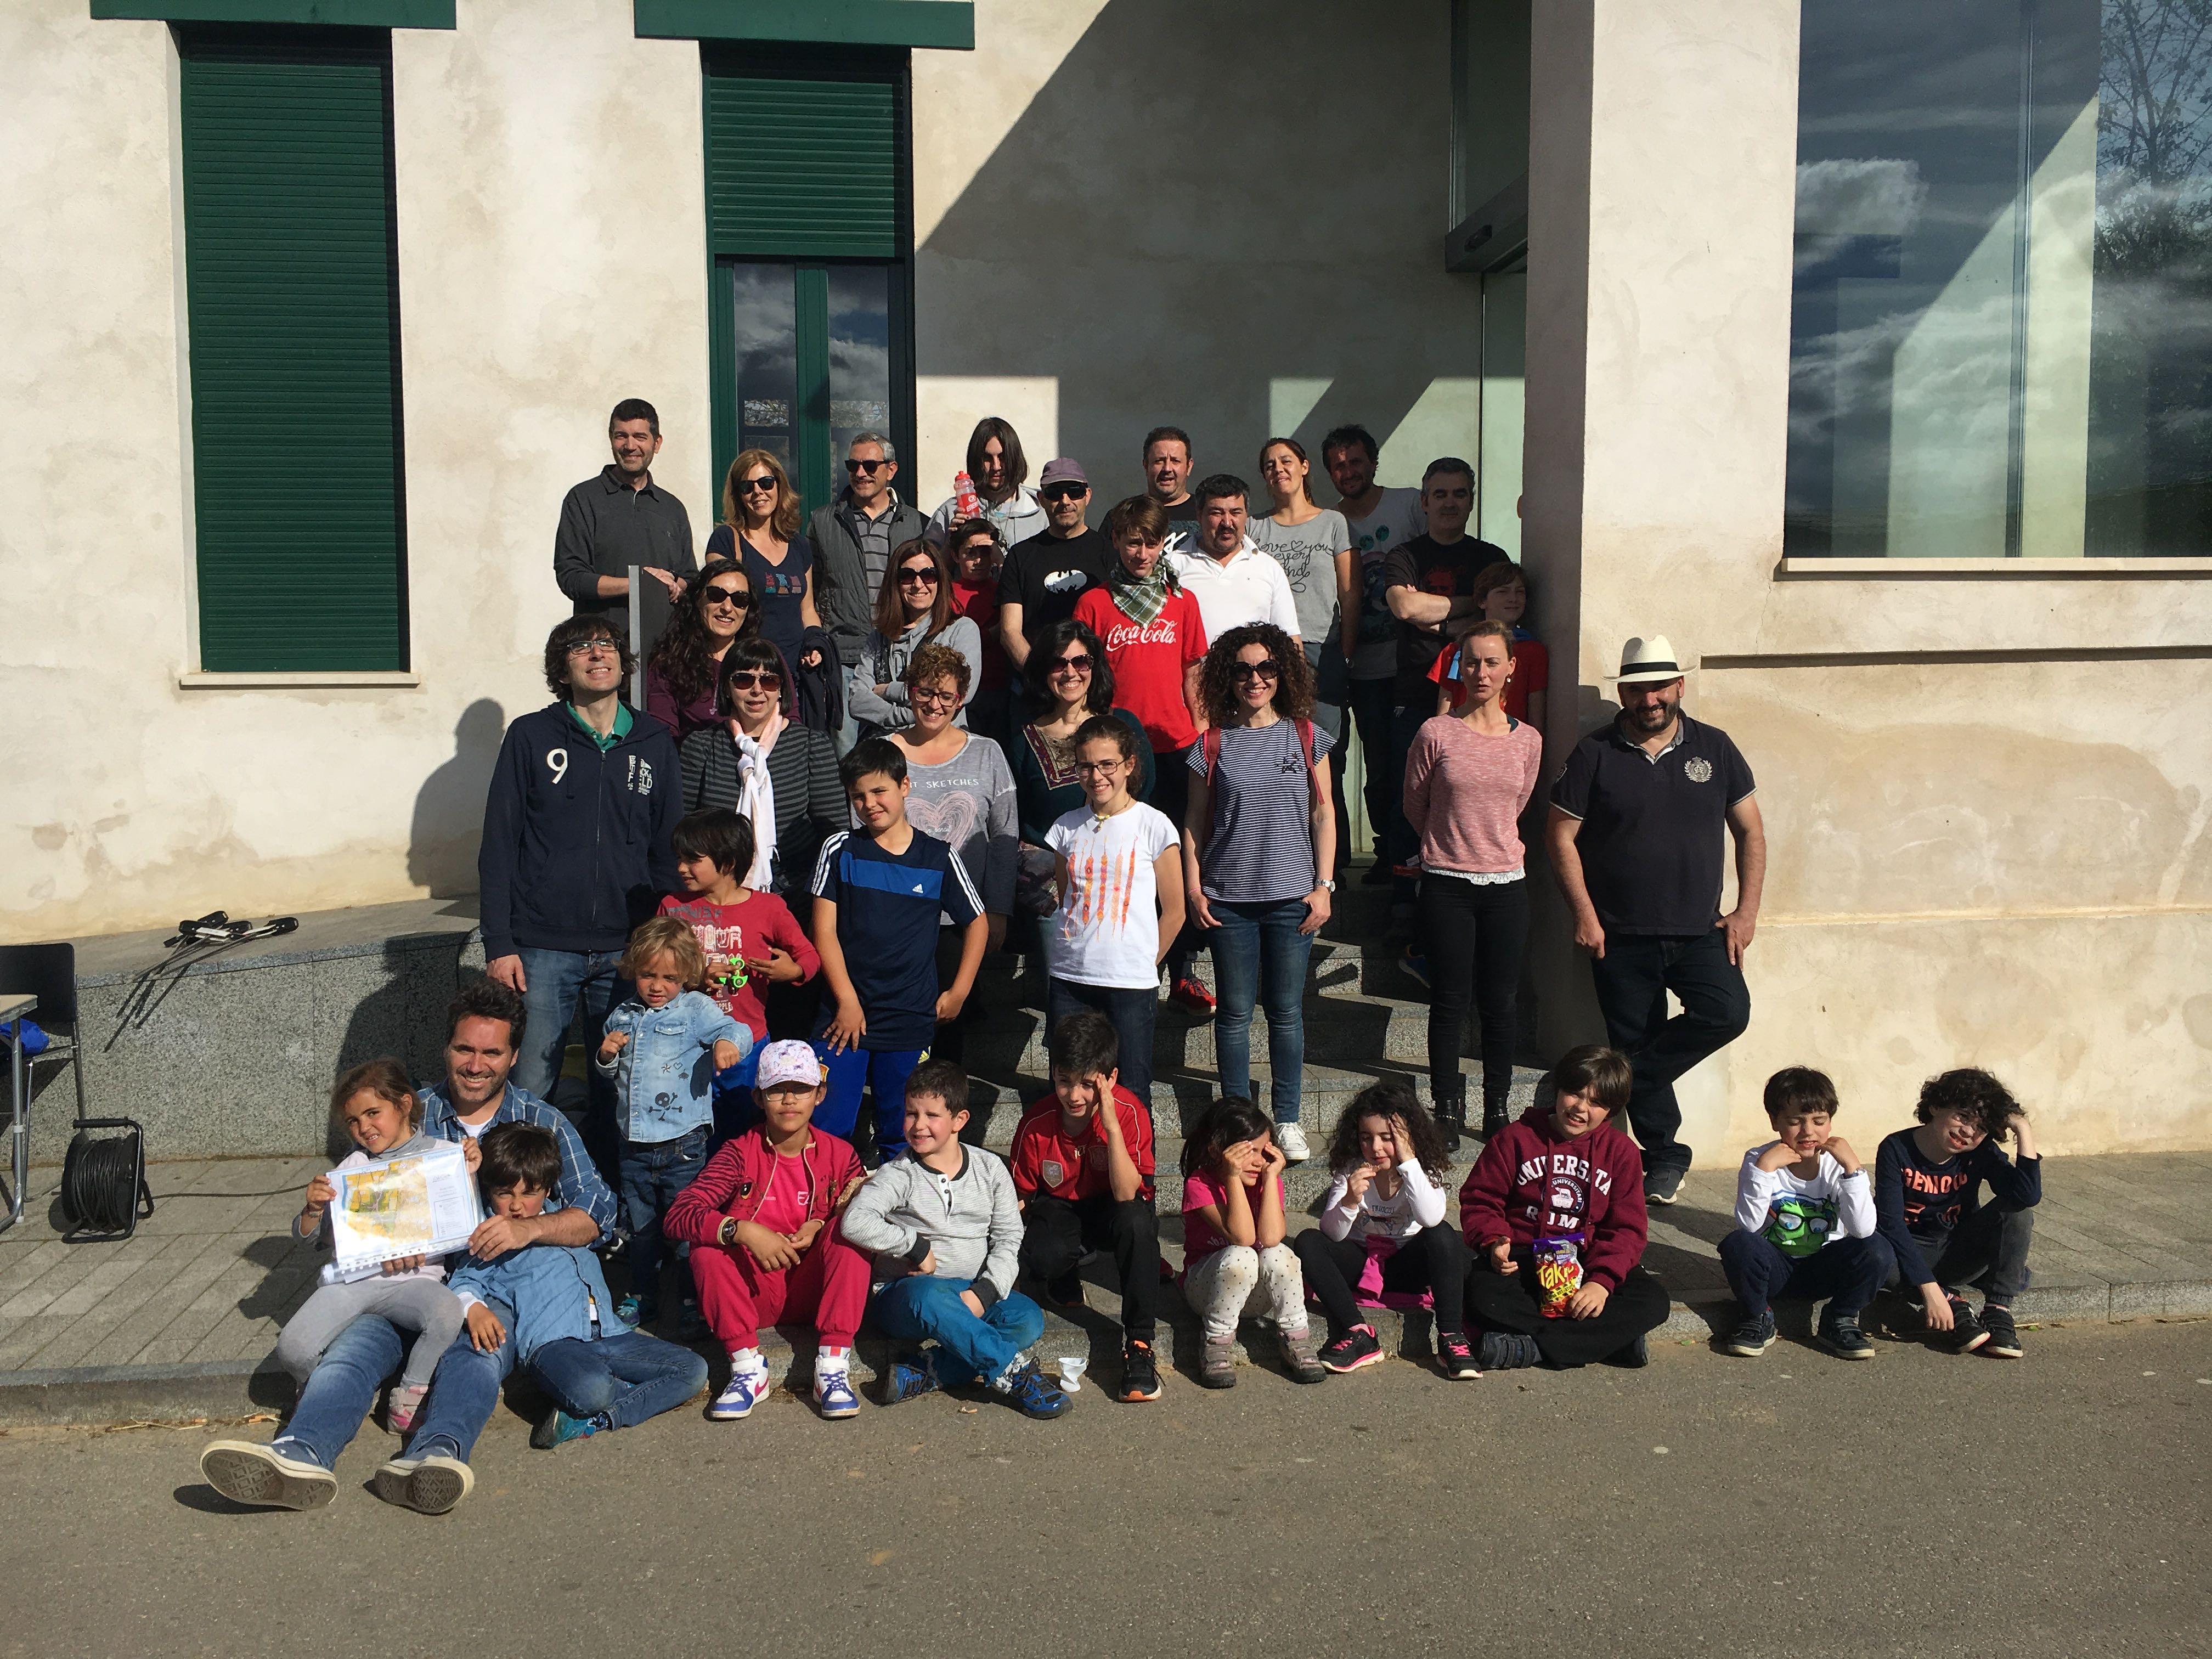 Visita-ALAC-a-Fundación-Cerezales-mayo-2017-1 (1)